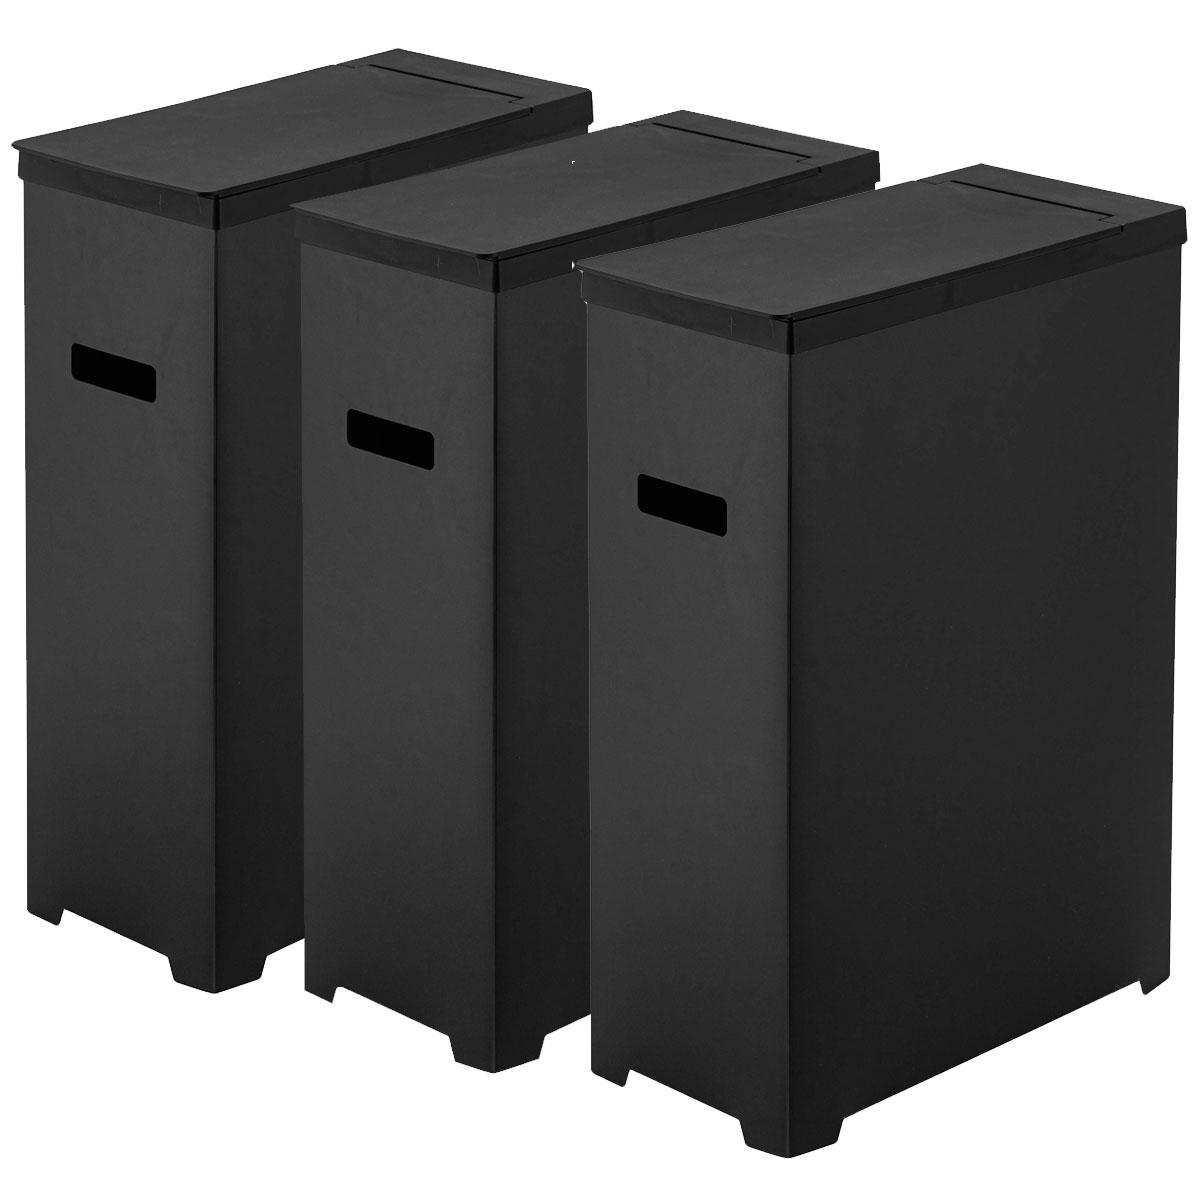 毎日続々入荷 送料無料 山崎実業のゴミ箱 TOWER スリム蓋付きゴミ箱 3個組がおしゃれ ゴミ箱 山崎実業 輸入 3個組 分別ゴミ箱 シンプル ダストボックス 45L ブラック 白 YAMAZAKI おしゃれ ごみ箱 黒 タワー